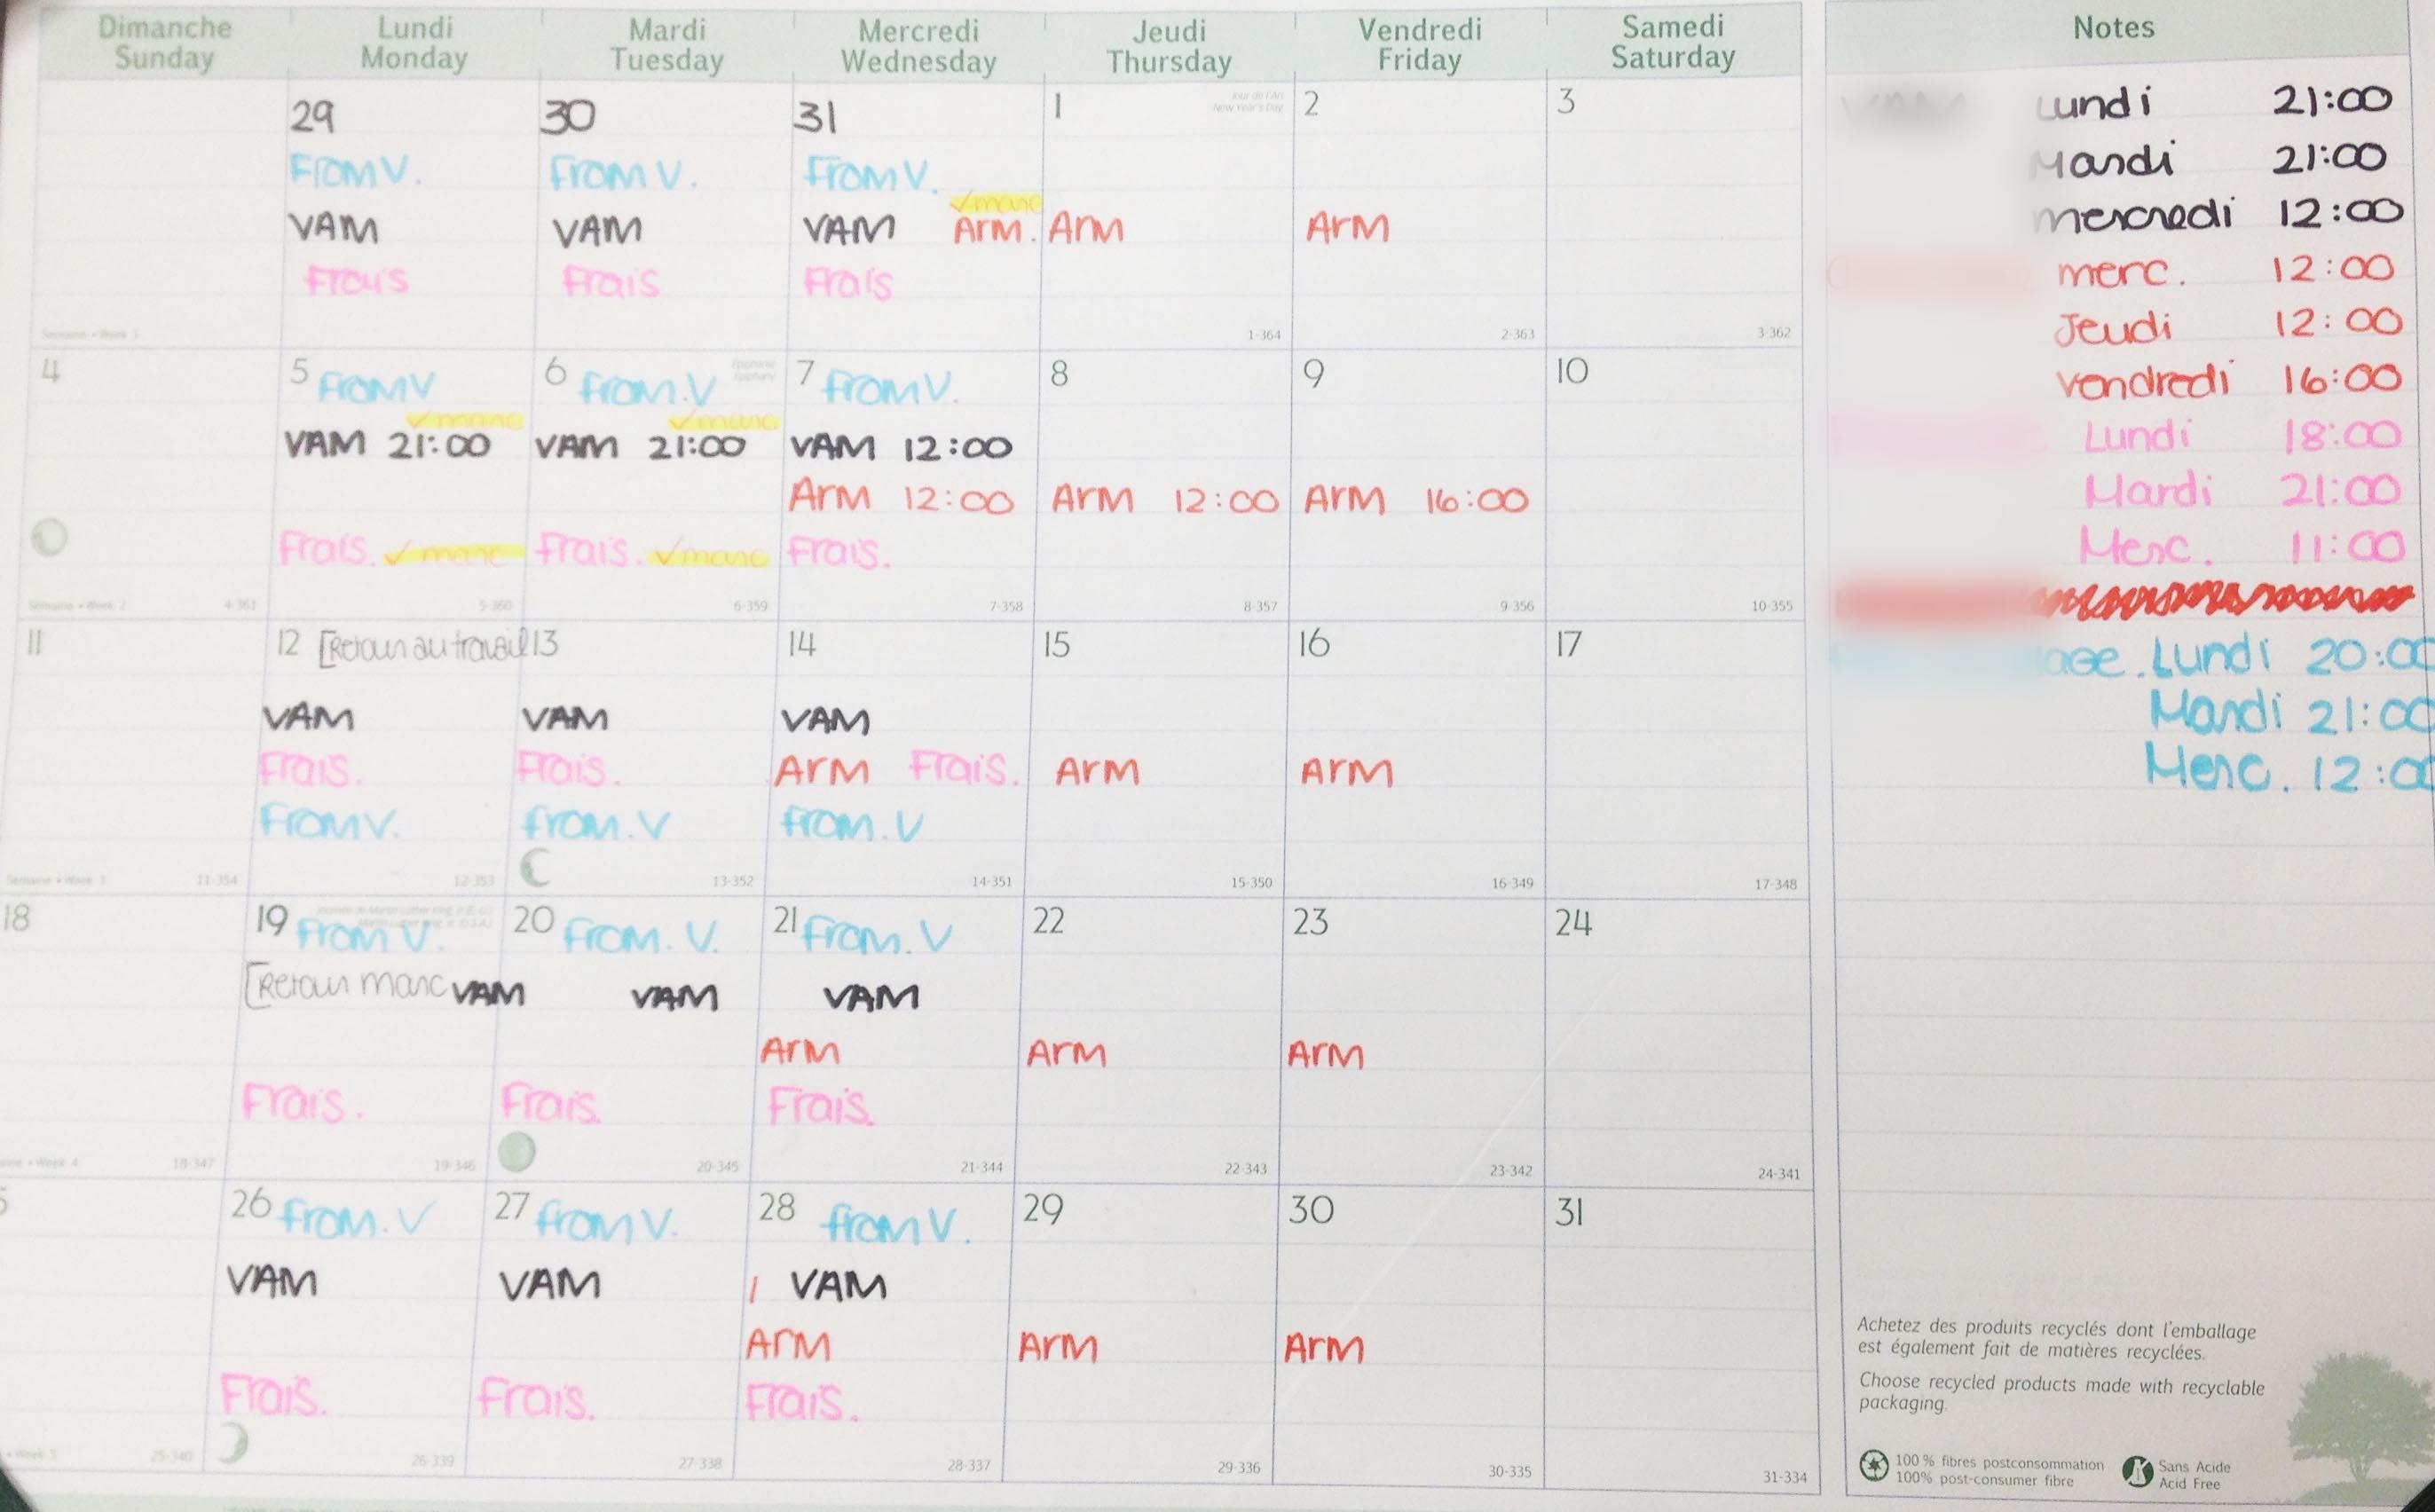 calendrier de publications